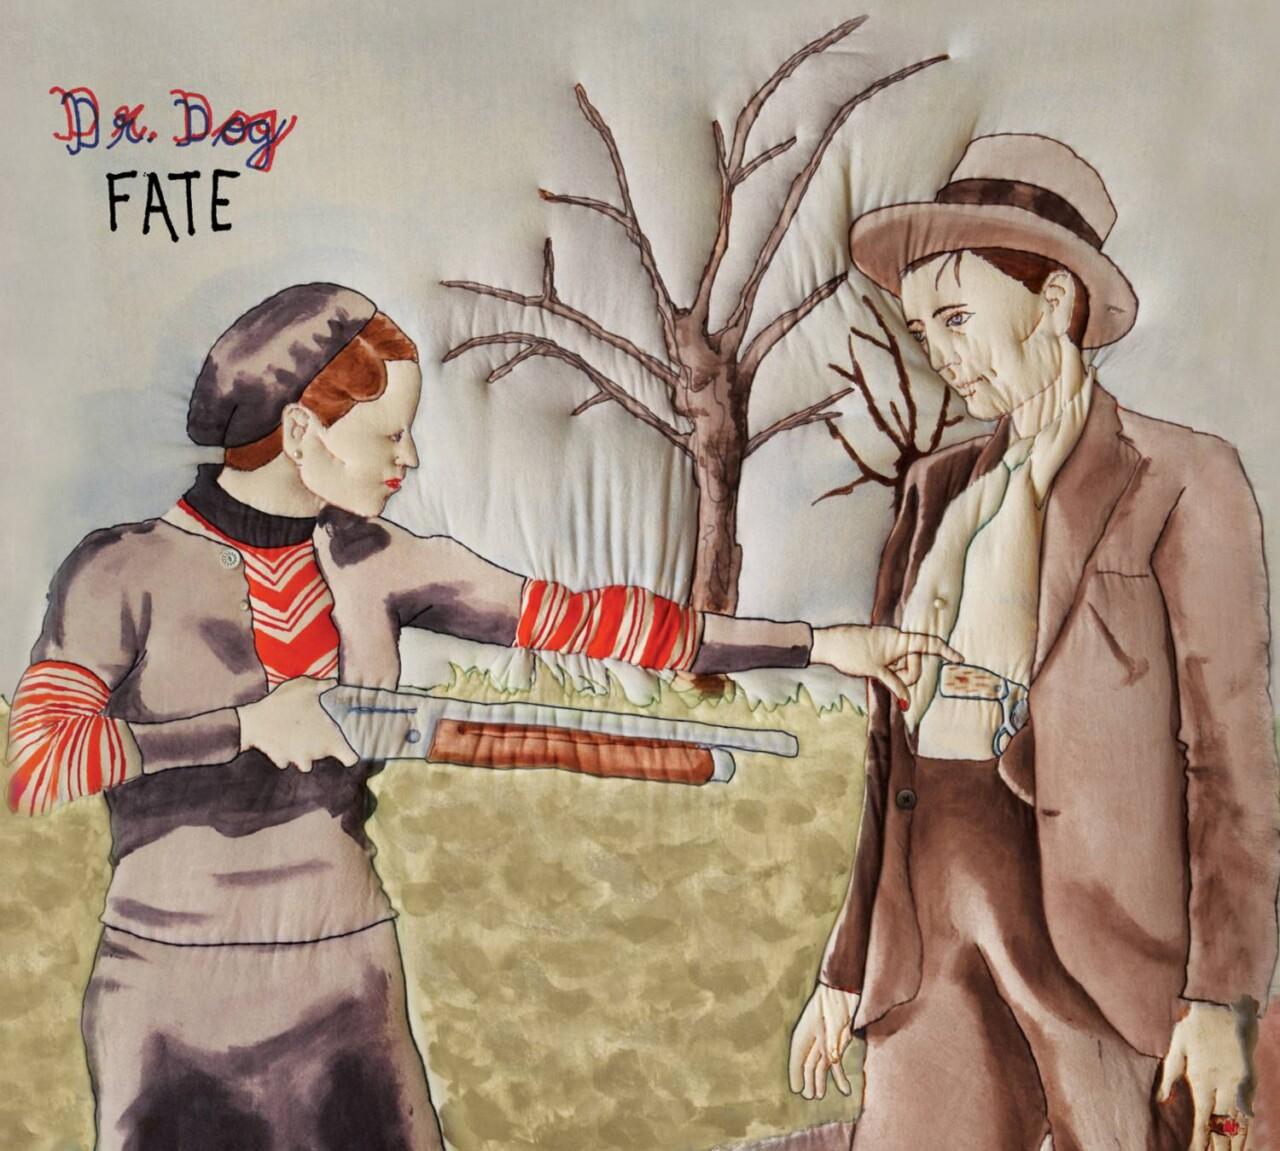 Dr. Dog FATE Album Artwork